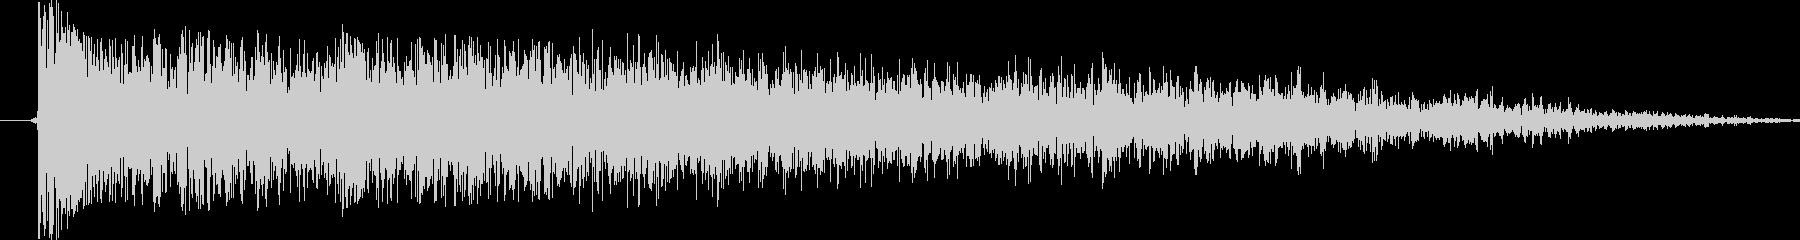 例の音が好きで頑張ってみました今の技術…の未再生の波形